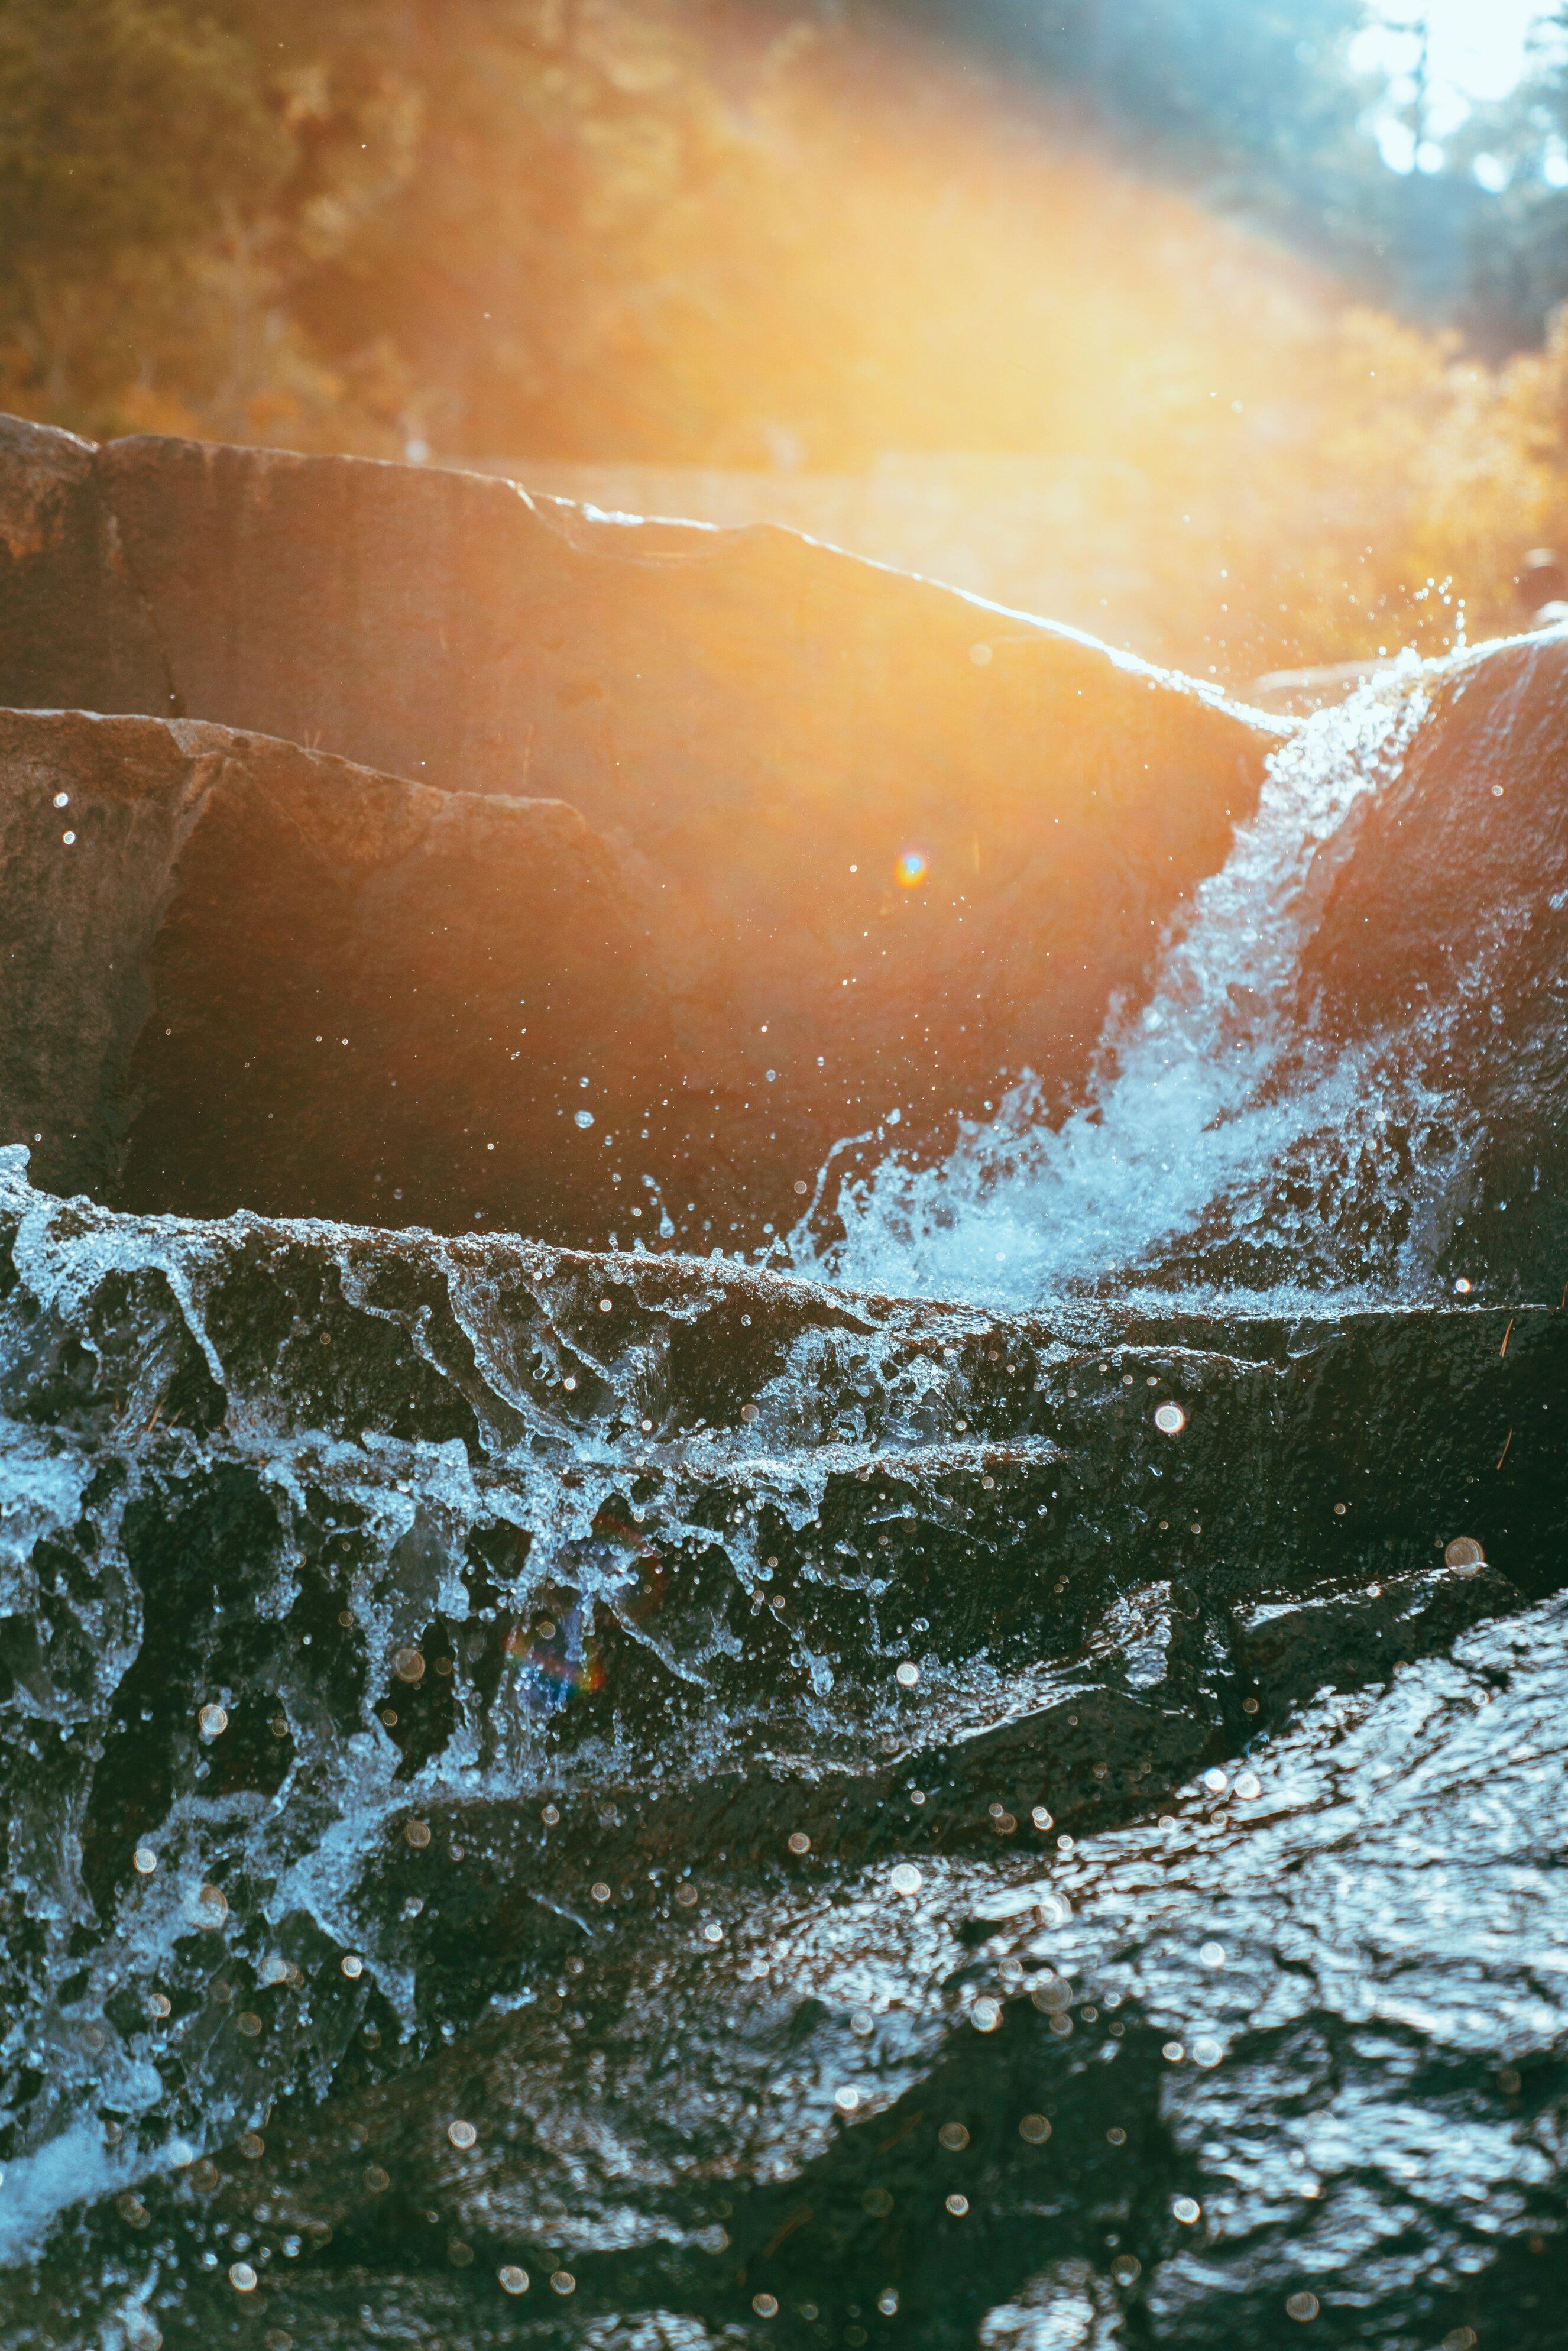 cung hoàng đạo vùng nước